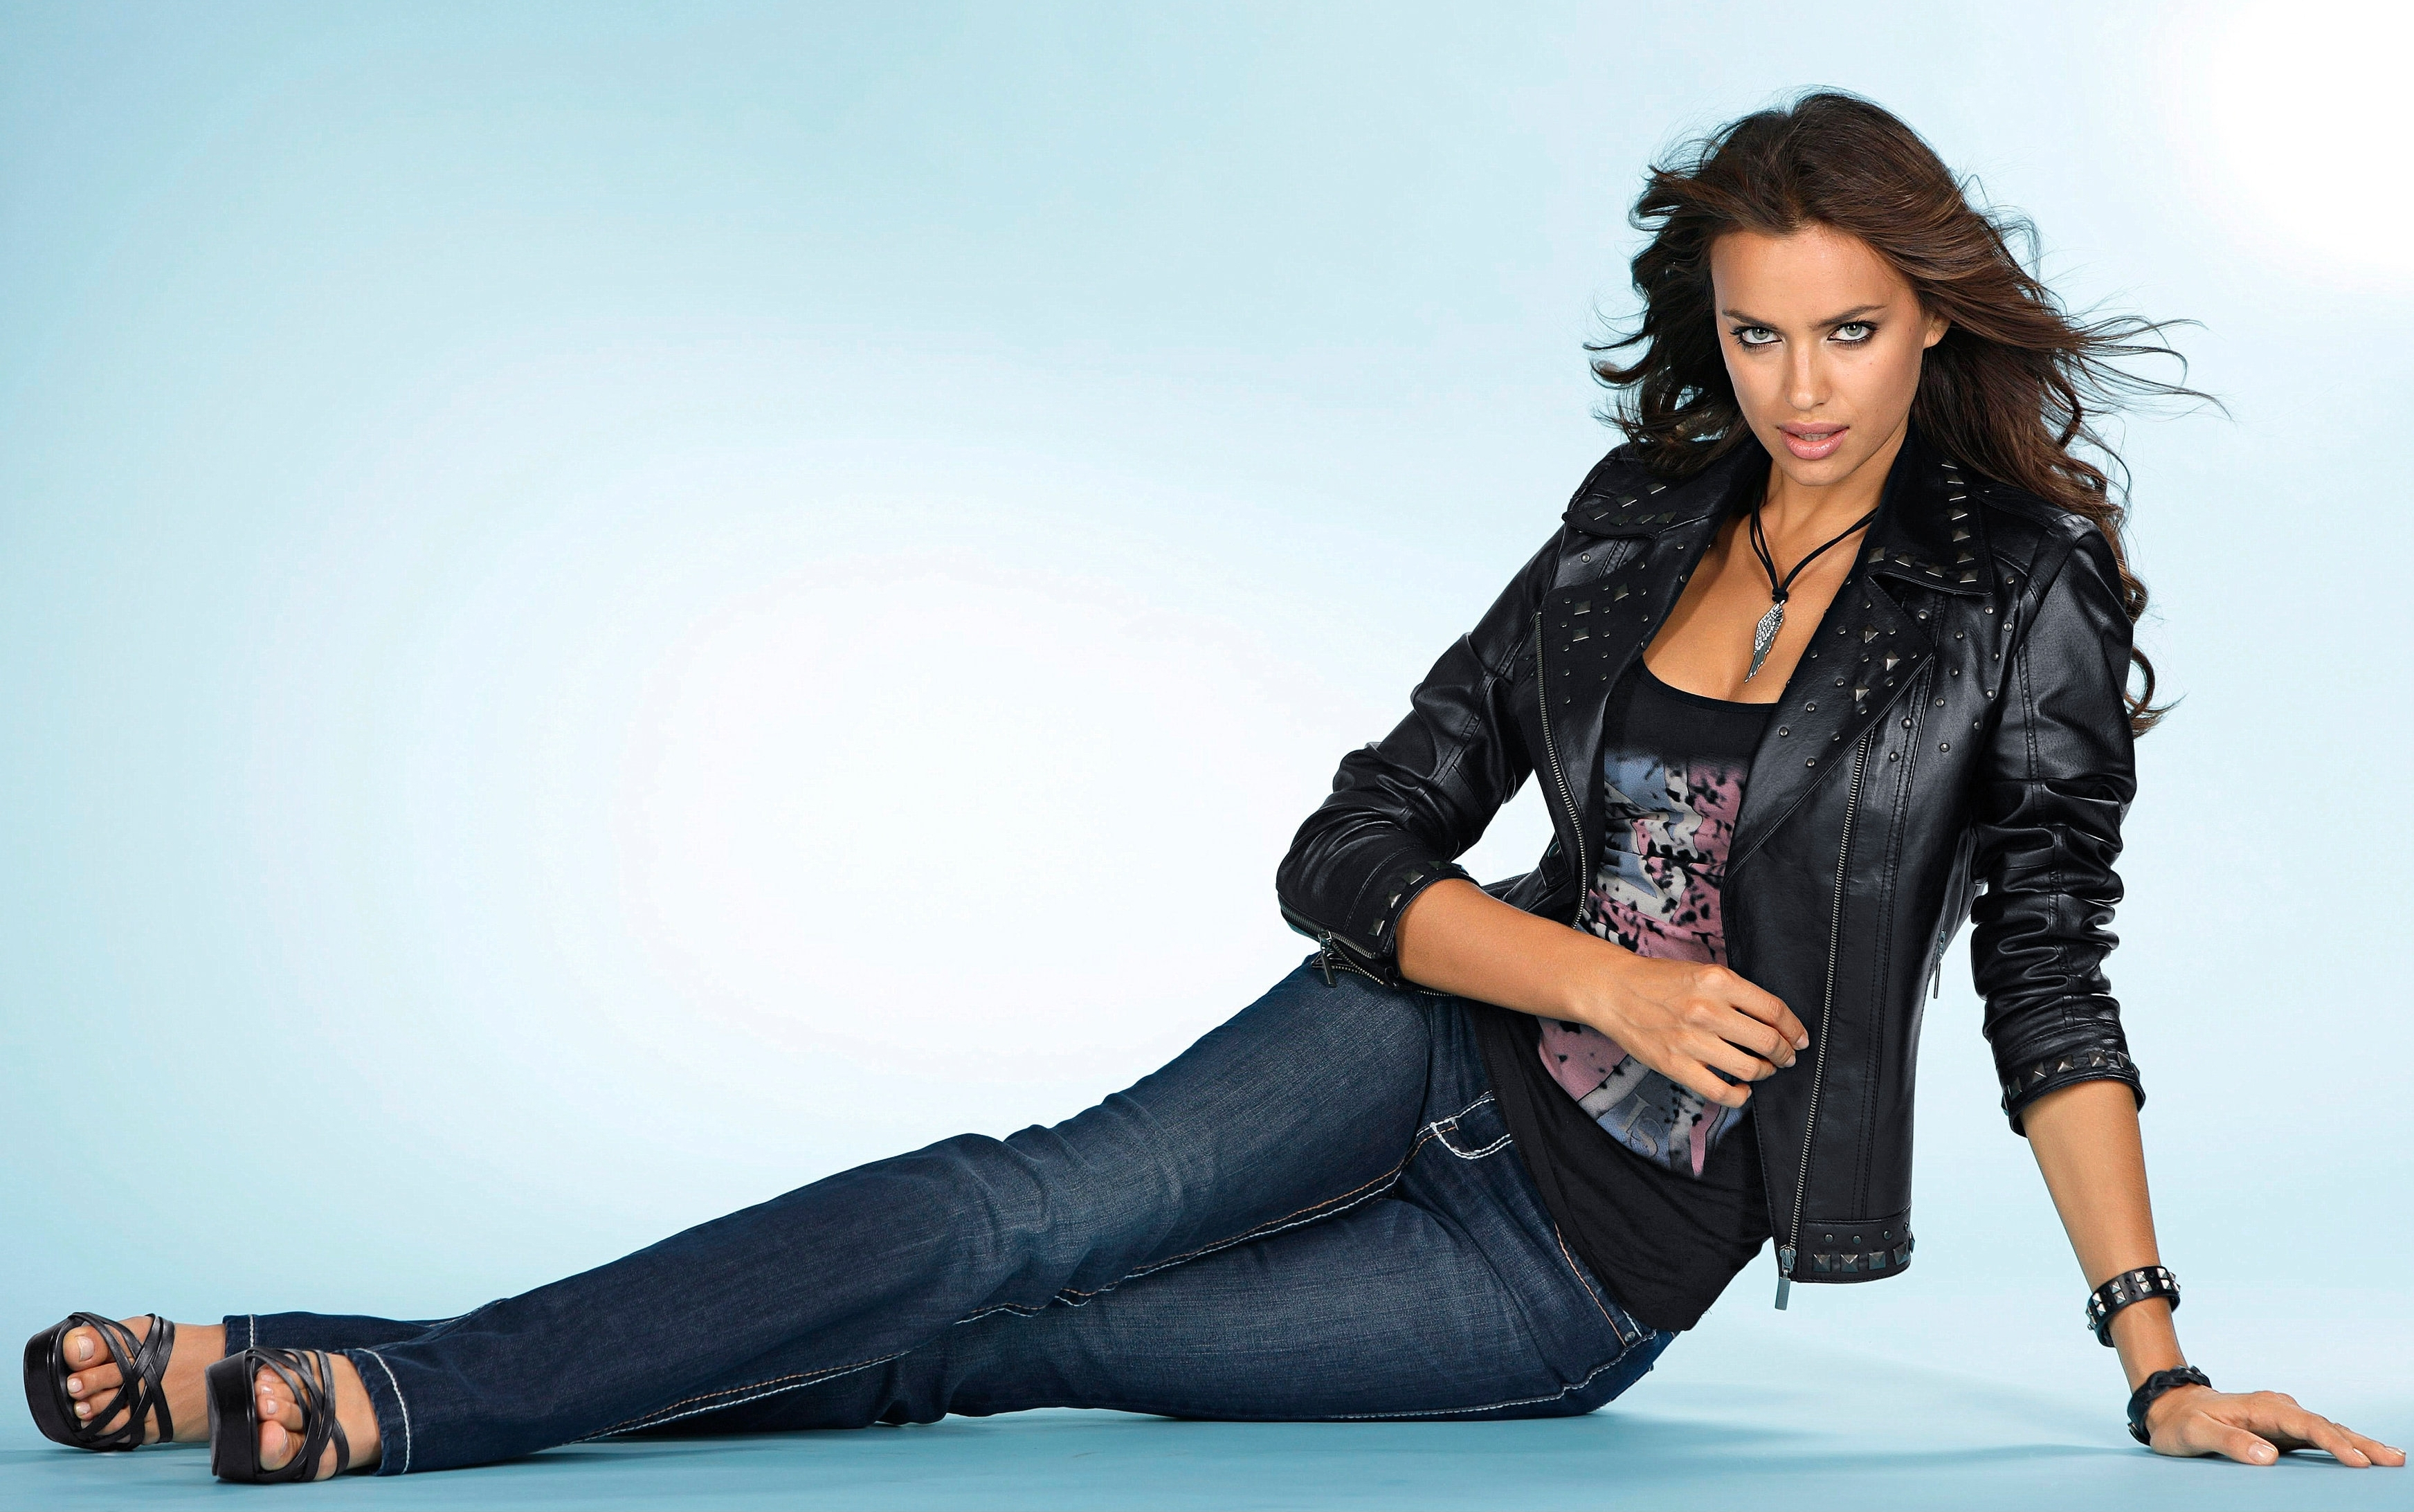 Фотосессия девушек брюнеток в джинсах 2 фотография